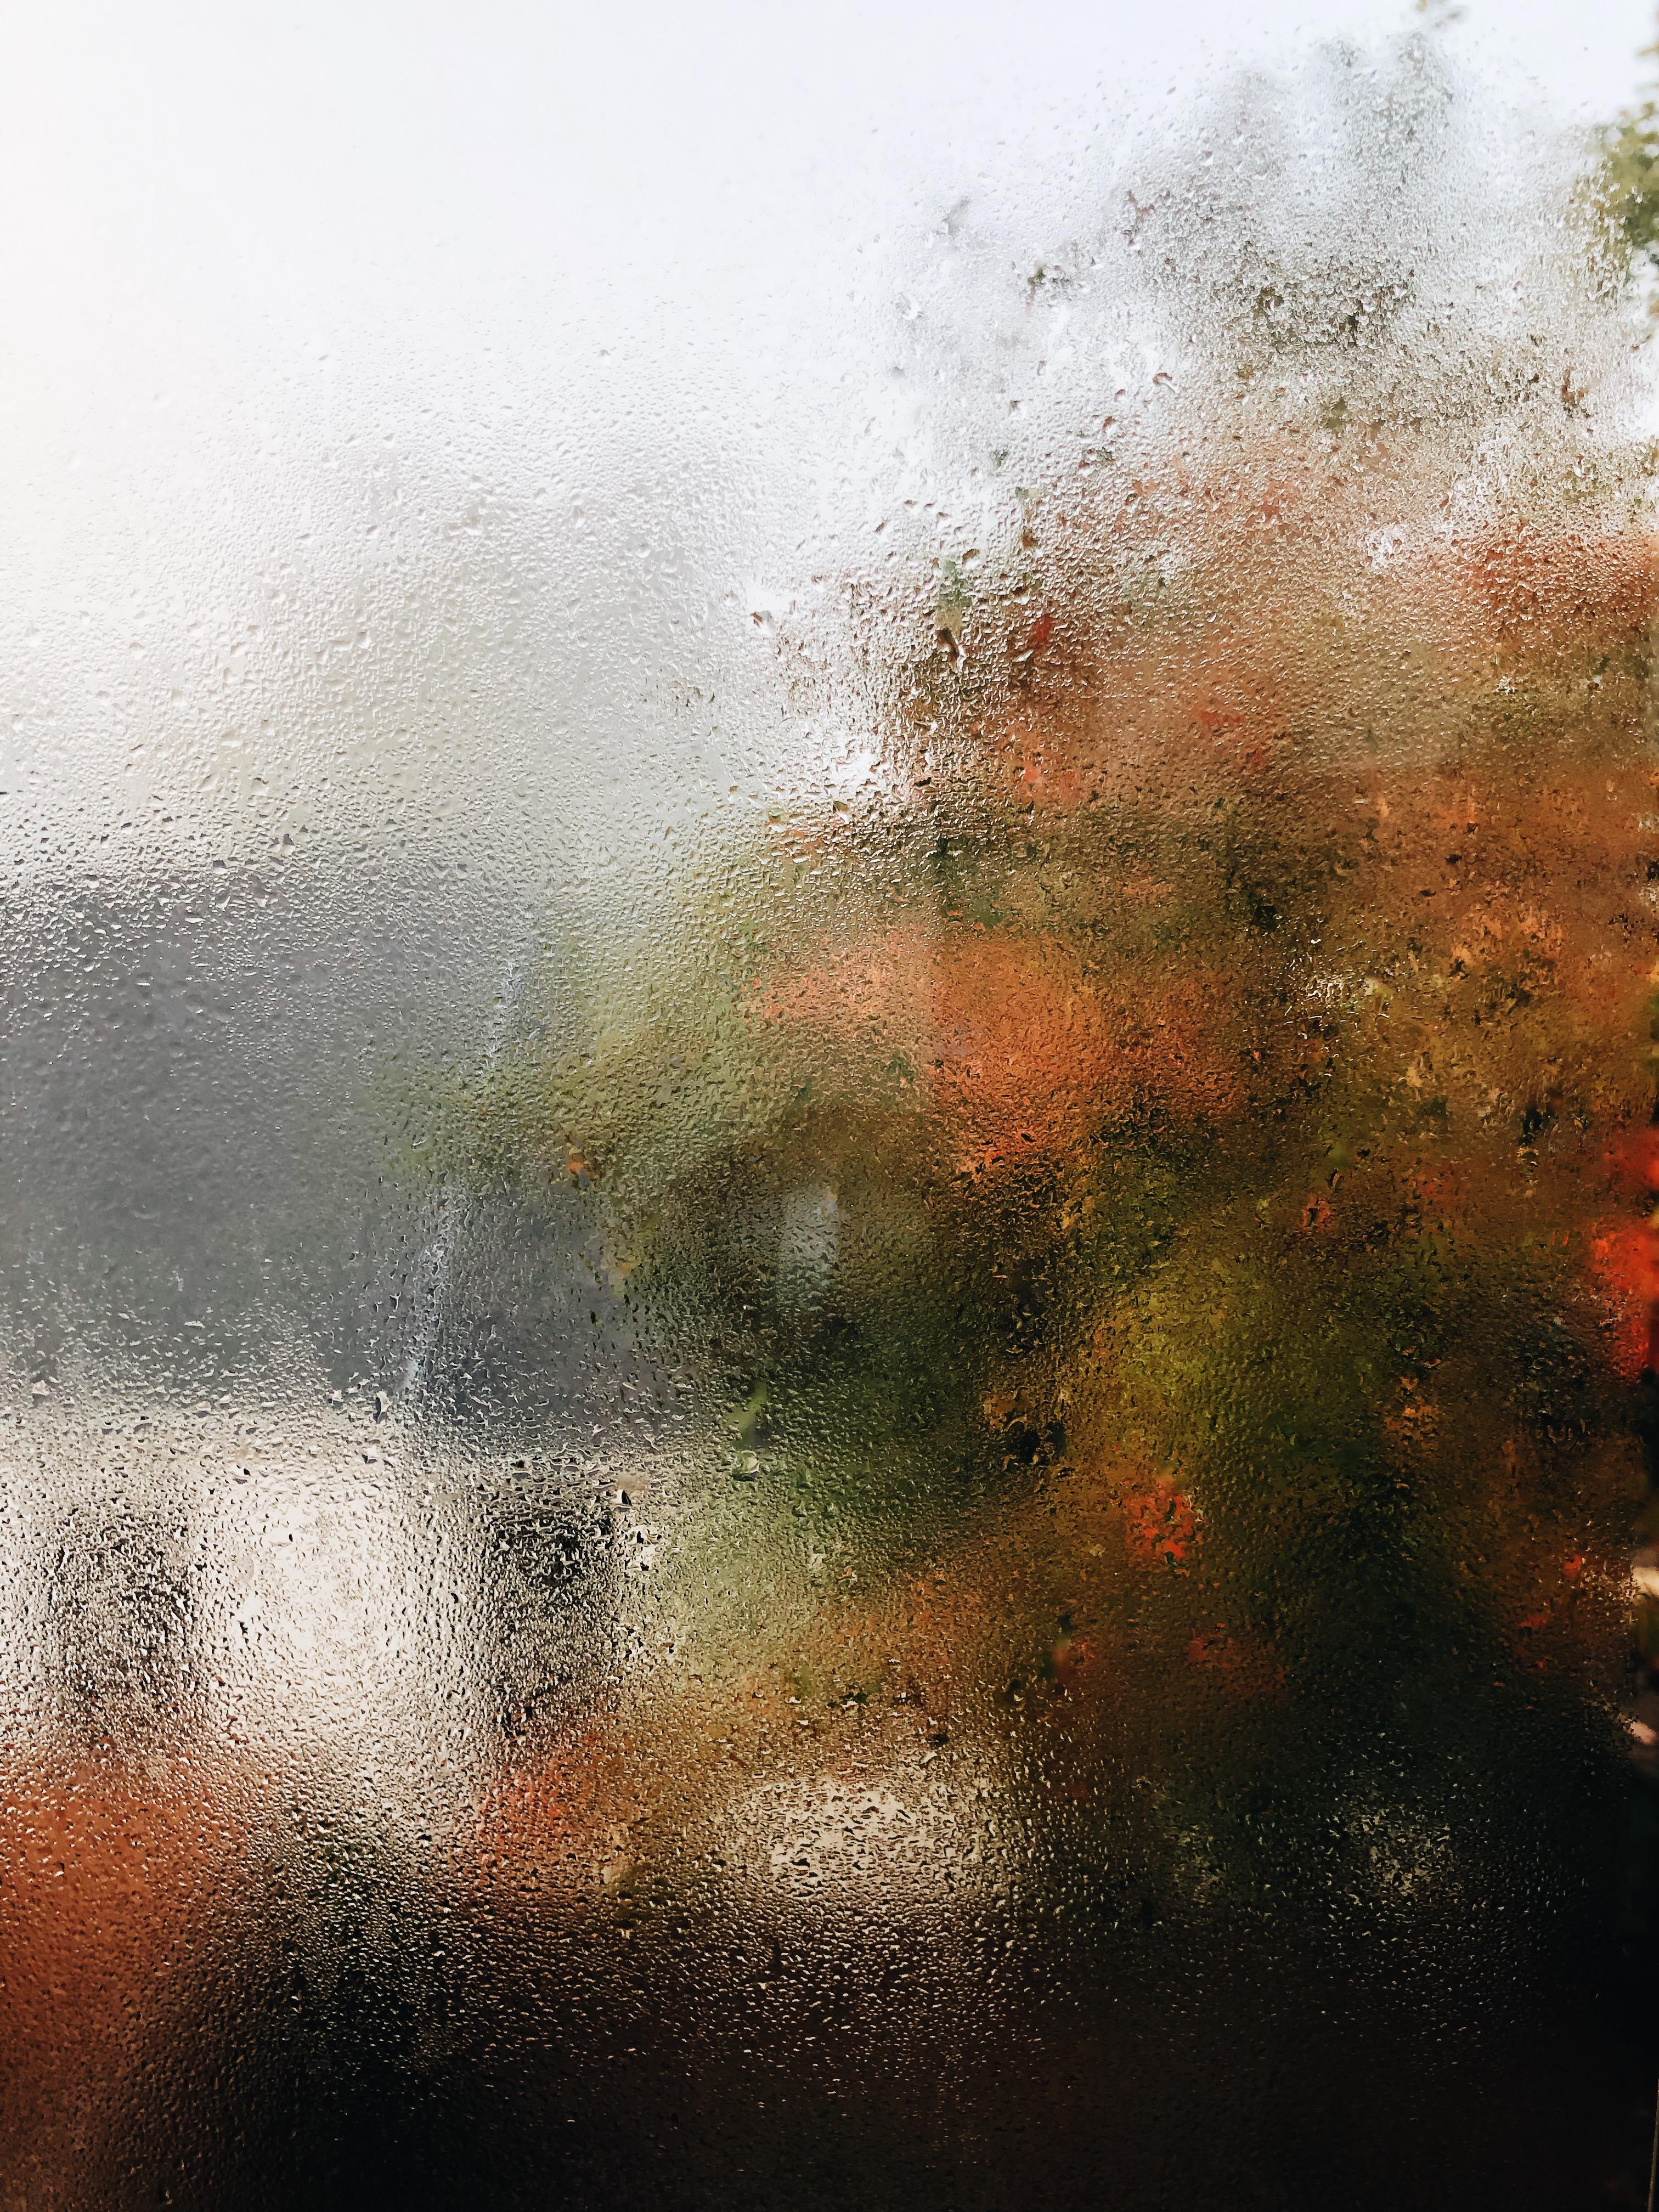 foggy window